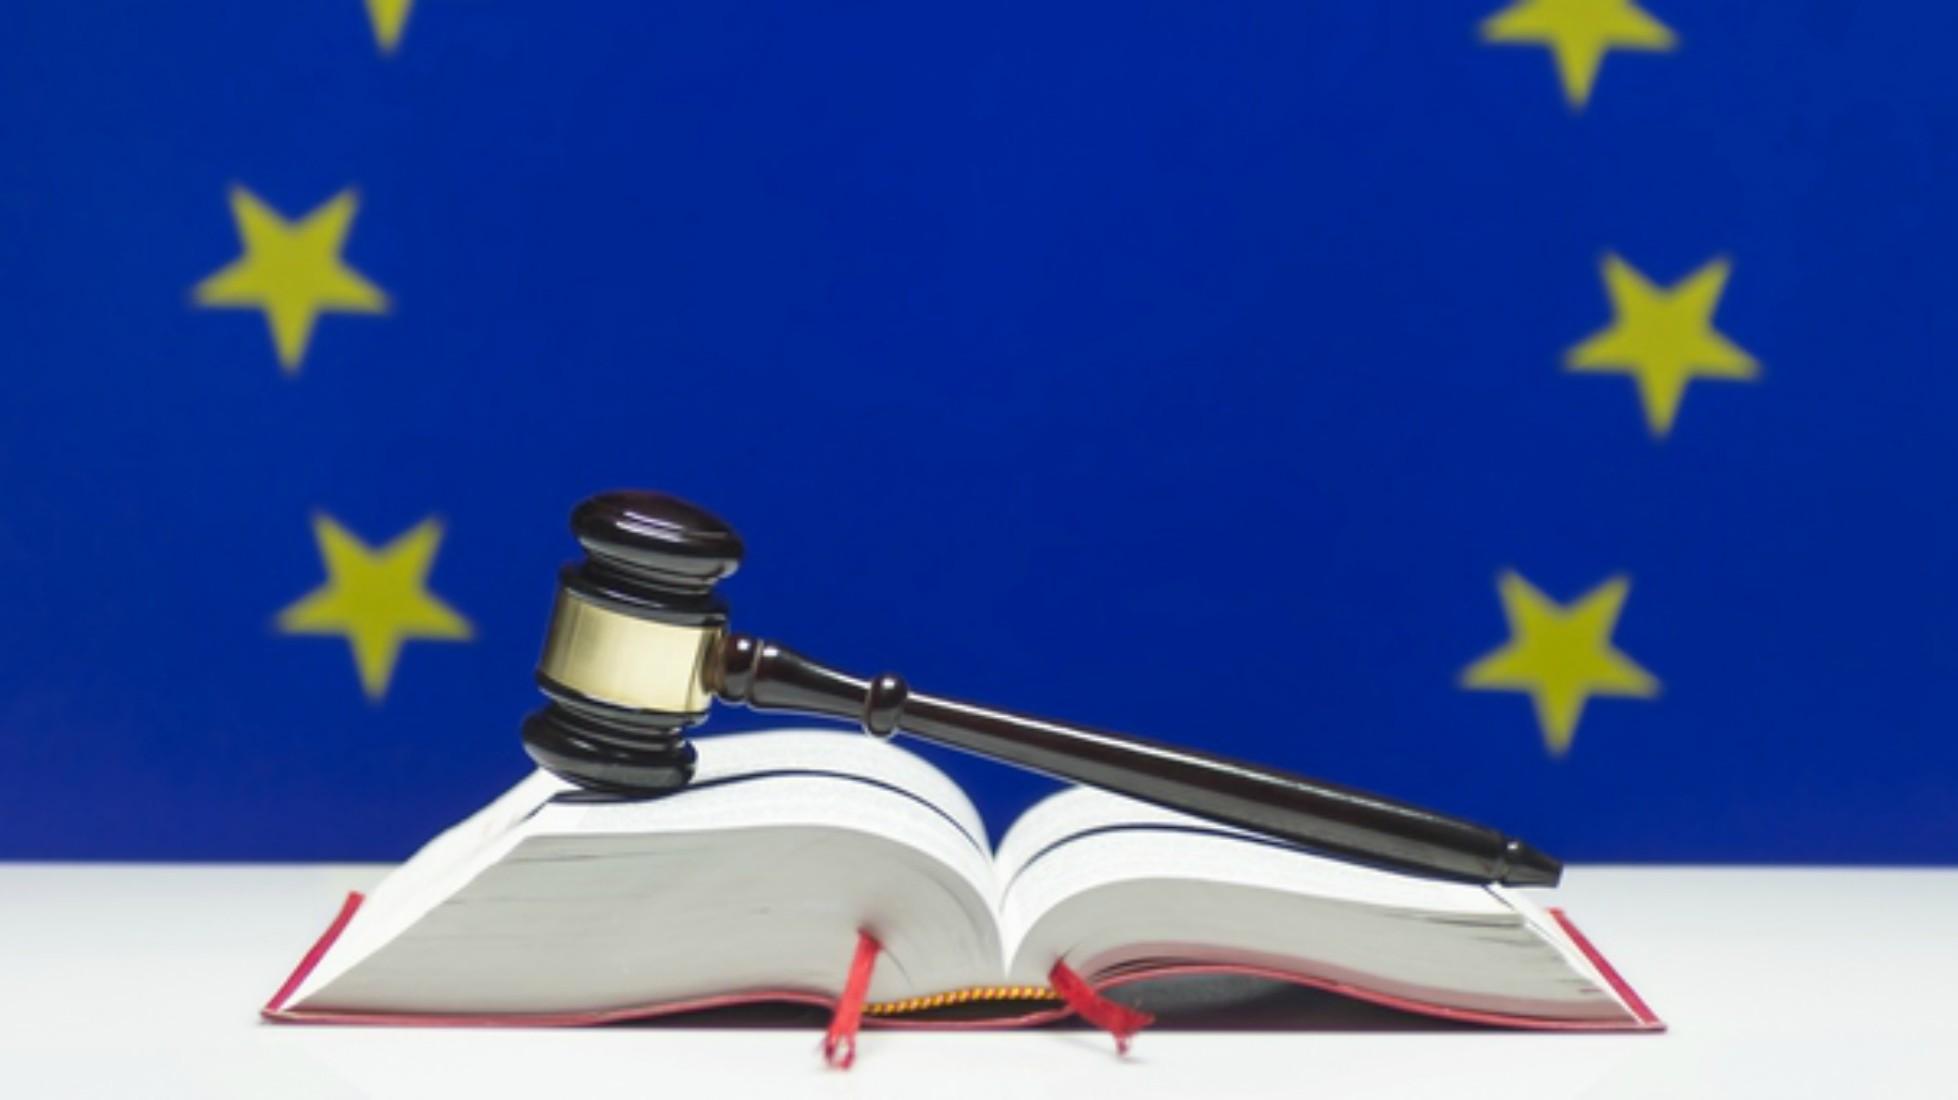 Javna izjava Akademskega društva Pravnik